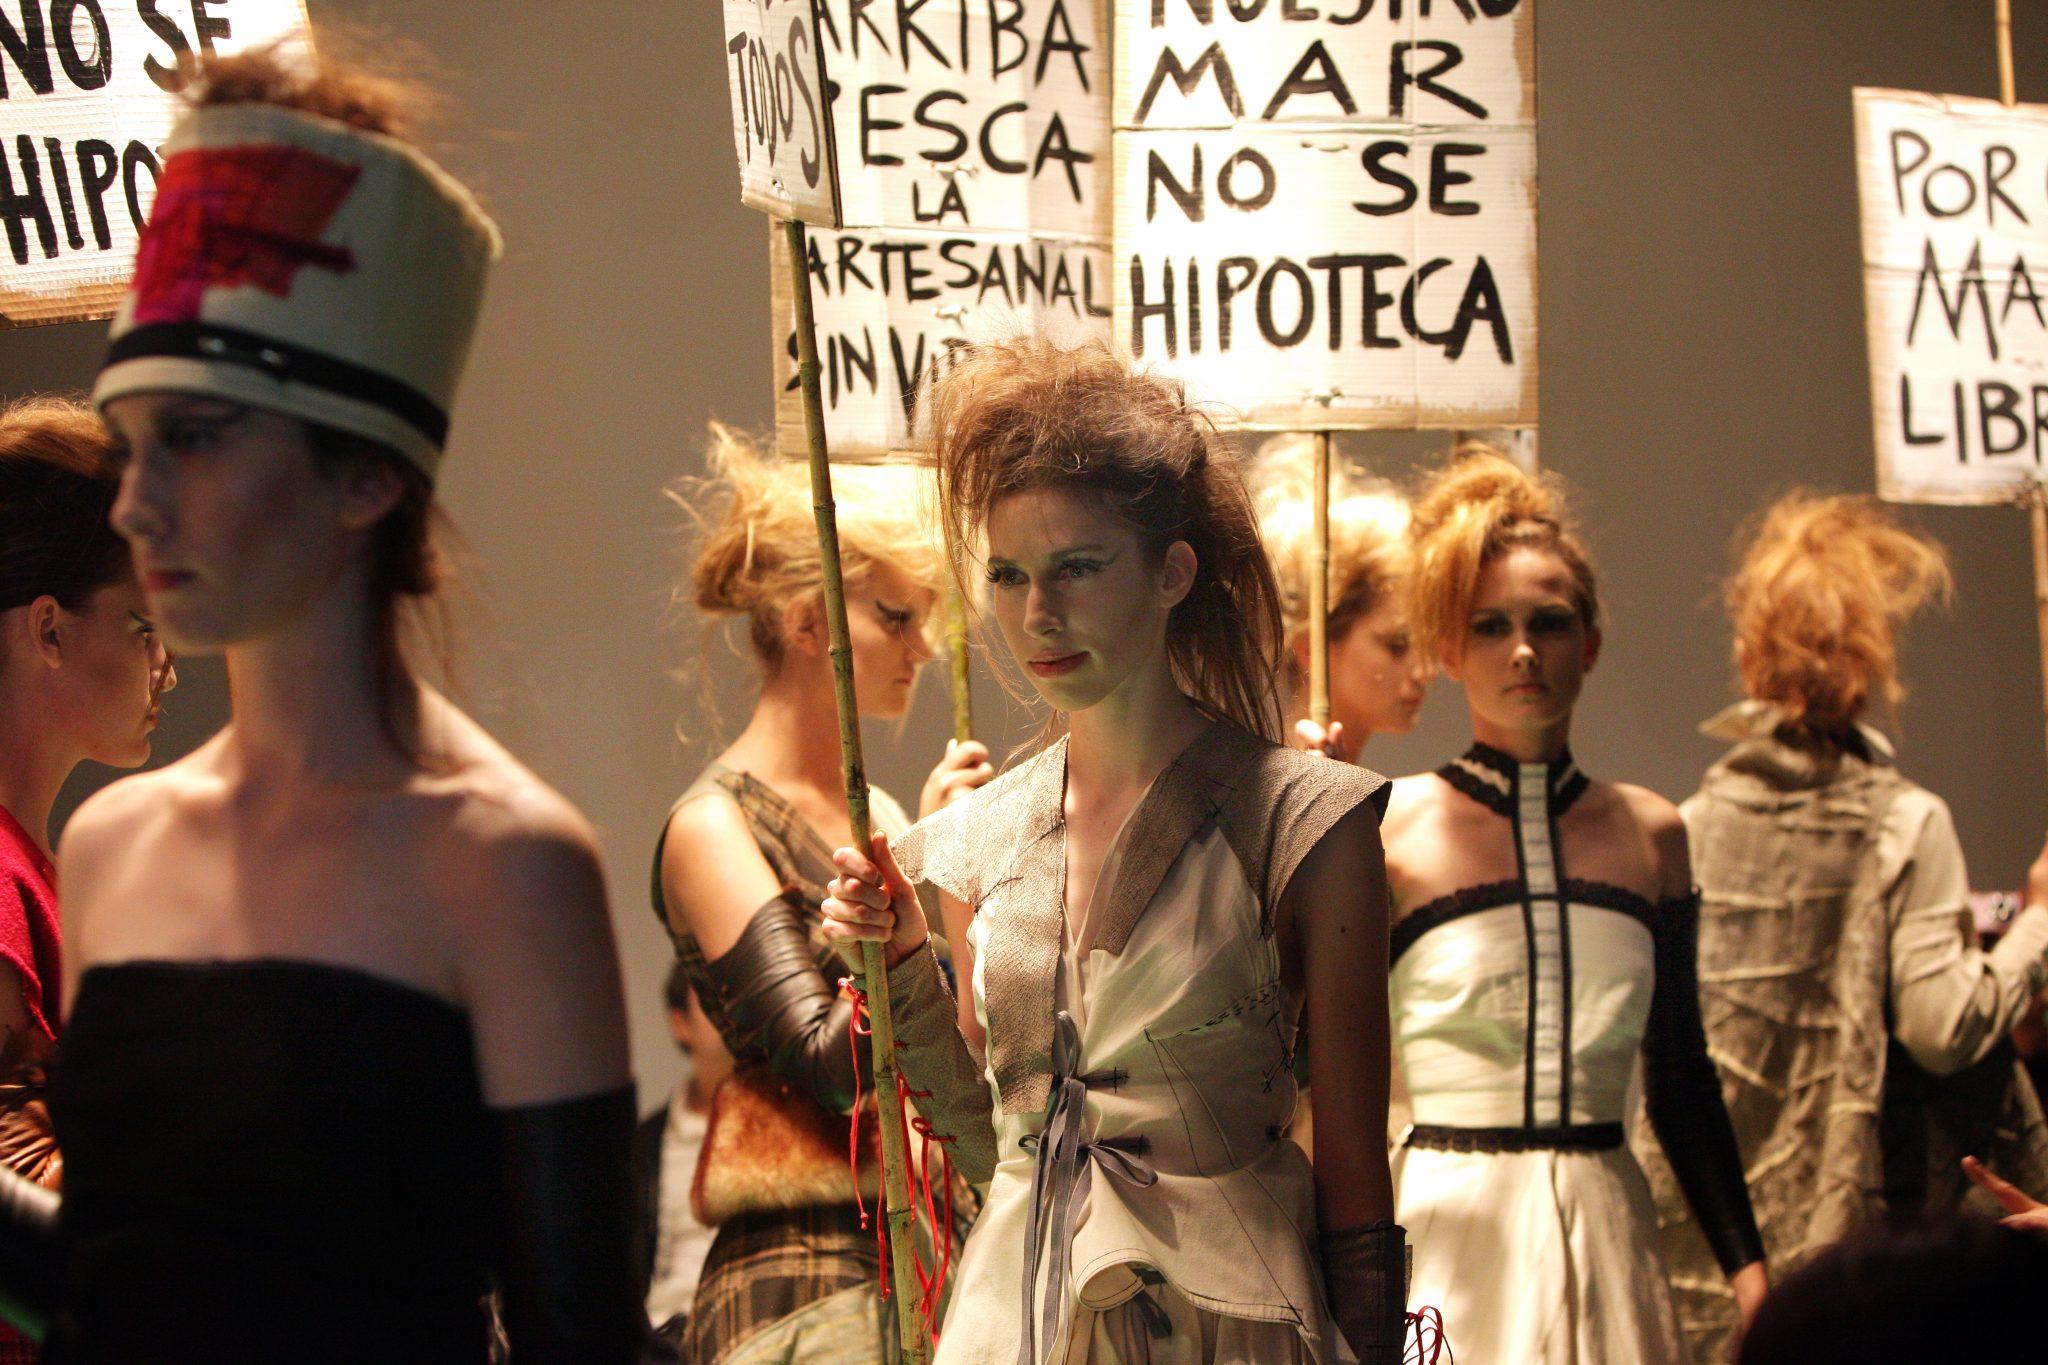 personas en un desfile de moda portando carteles